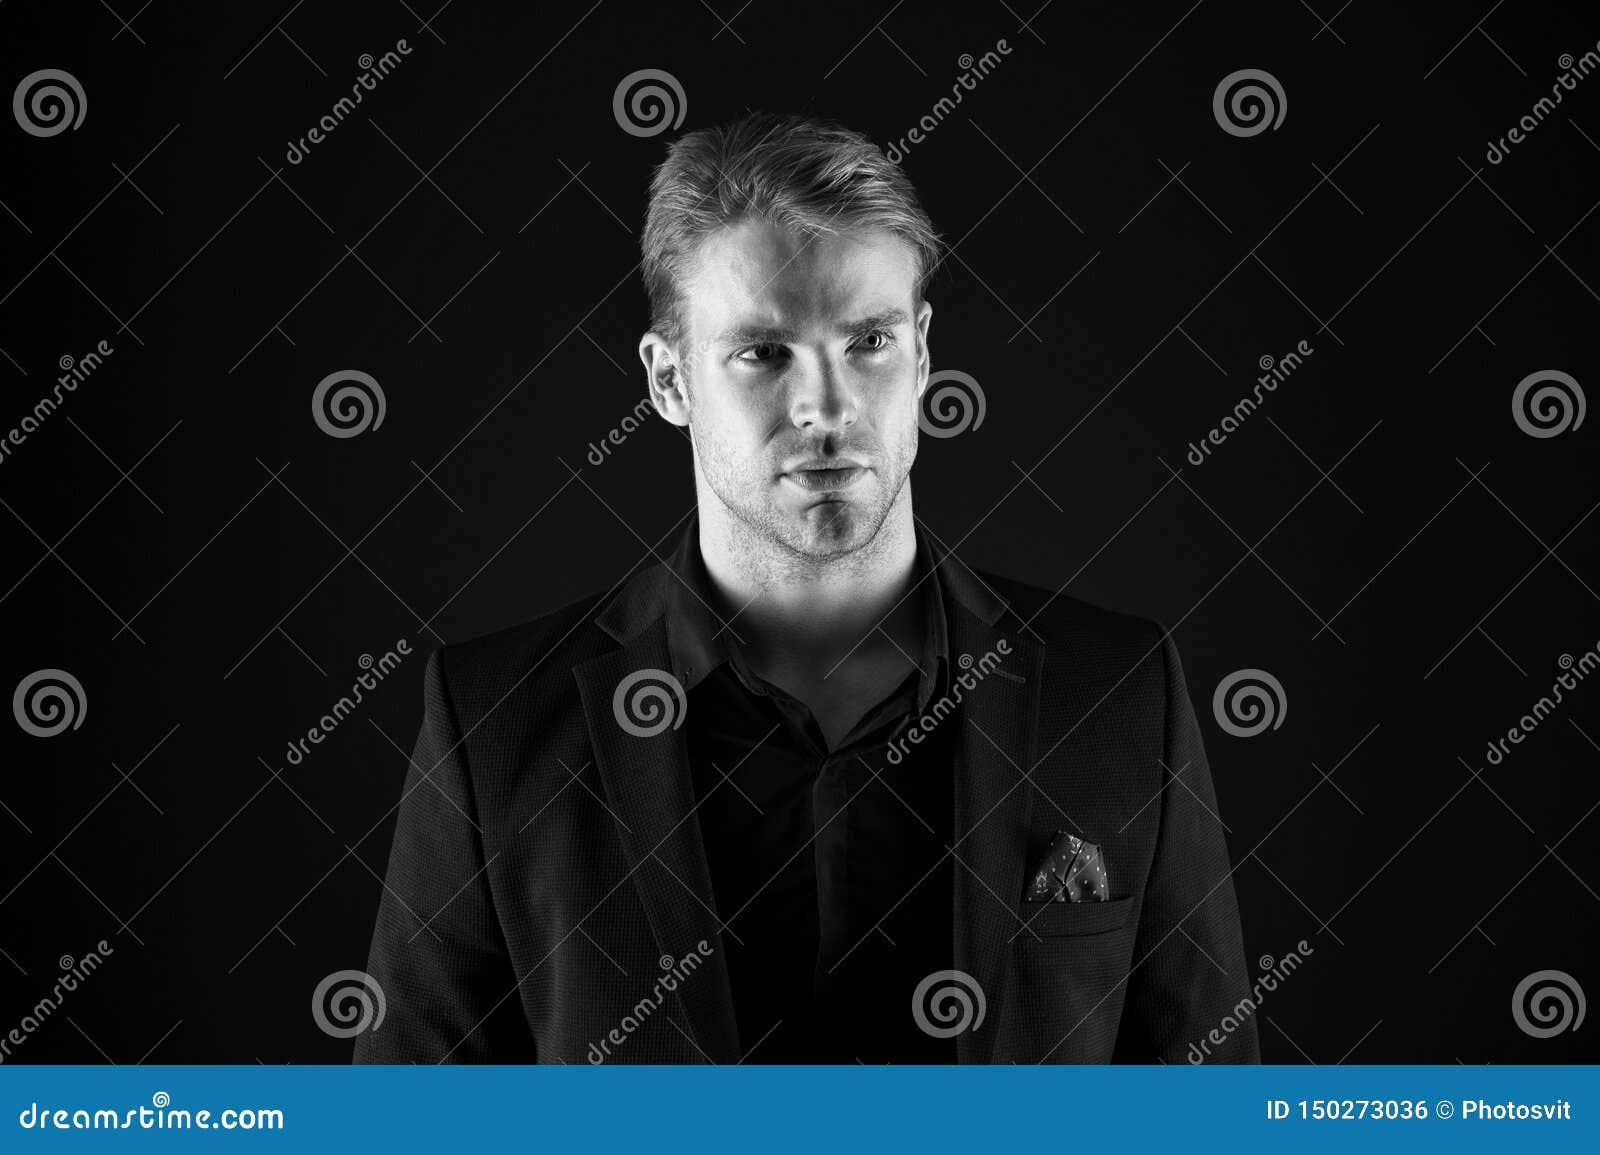 Όμορφος καλά καλλωπισμένος φαλλοκράτης ατόμων στο μαύρο υπόβαθρο Αίσθημα βέβαιος Αρσενικοί ομορφιά και ανδροπρέπεια Τύπος ελκυστι